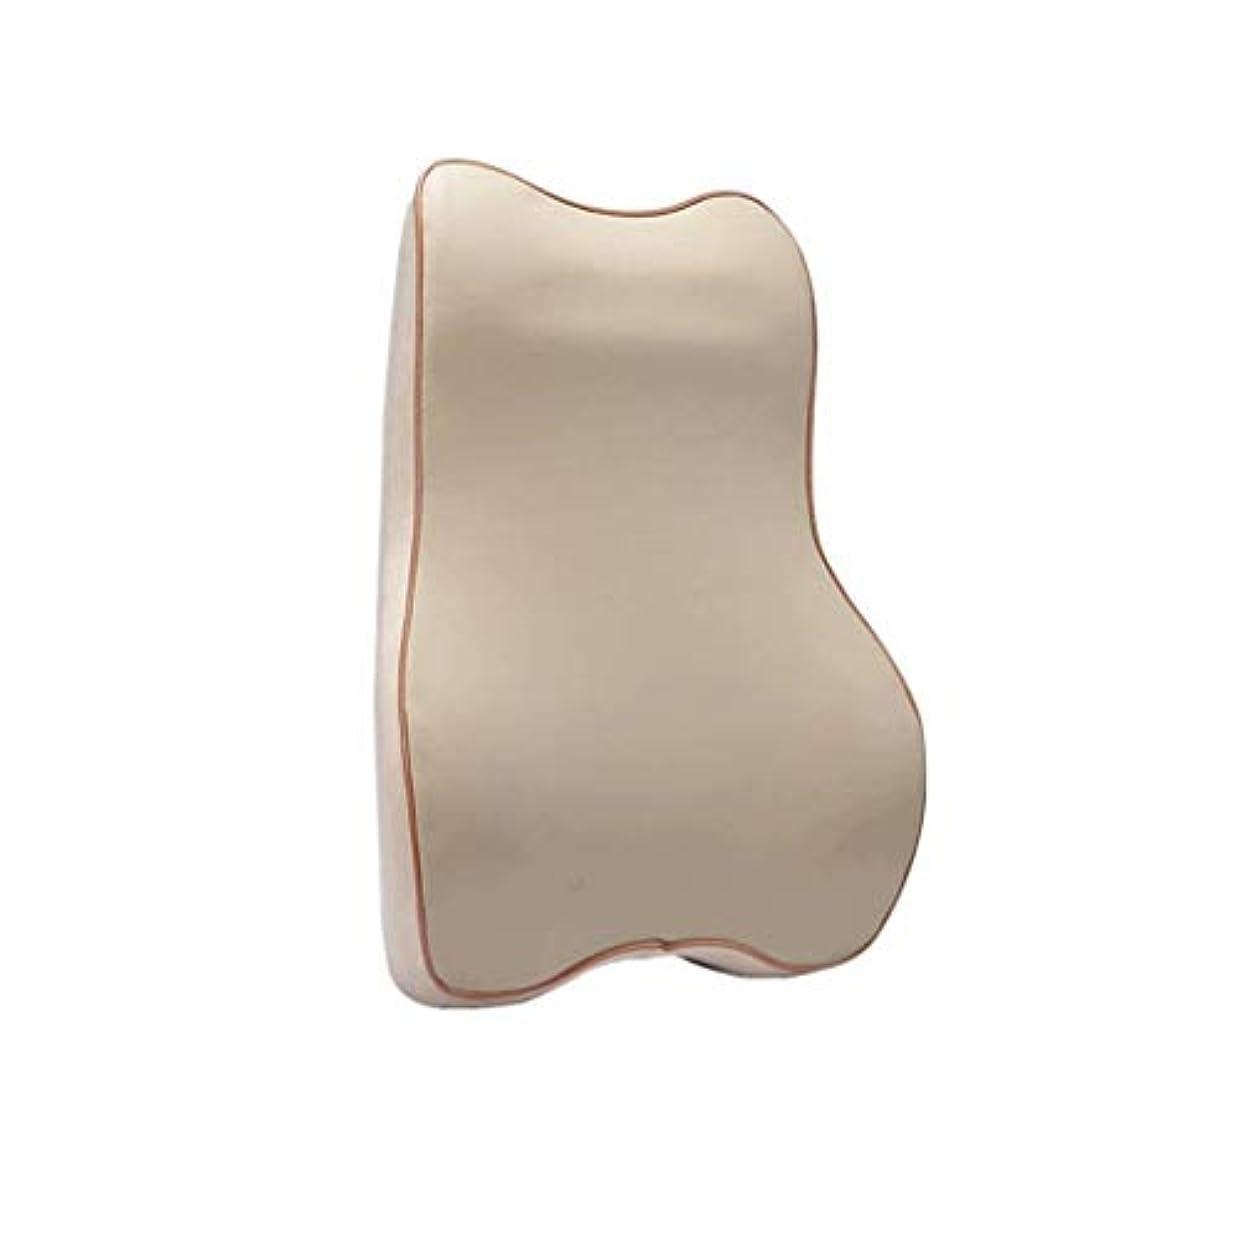 腰椎枕 - 姿勢療法ウエストクッション - 低反発フォーム、人間工学に基づいたオフィスチェア車とトラベルバックサポート枕を使用して、上下の腰痛を緩和し、予防します (Color : Beige)